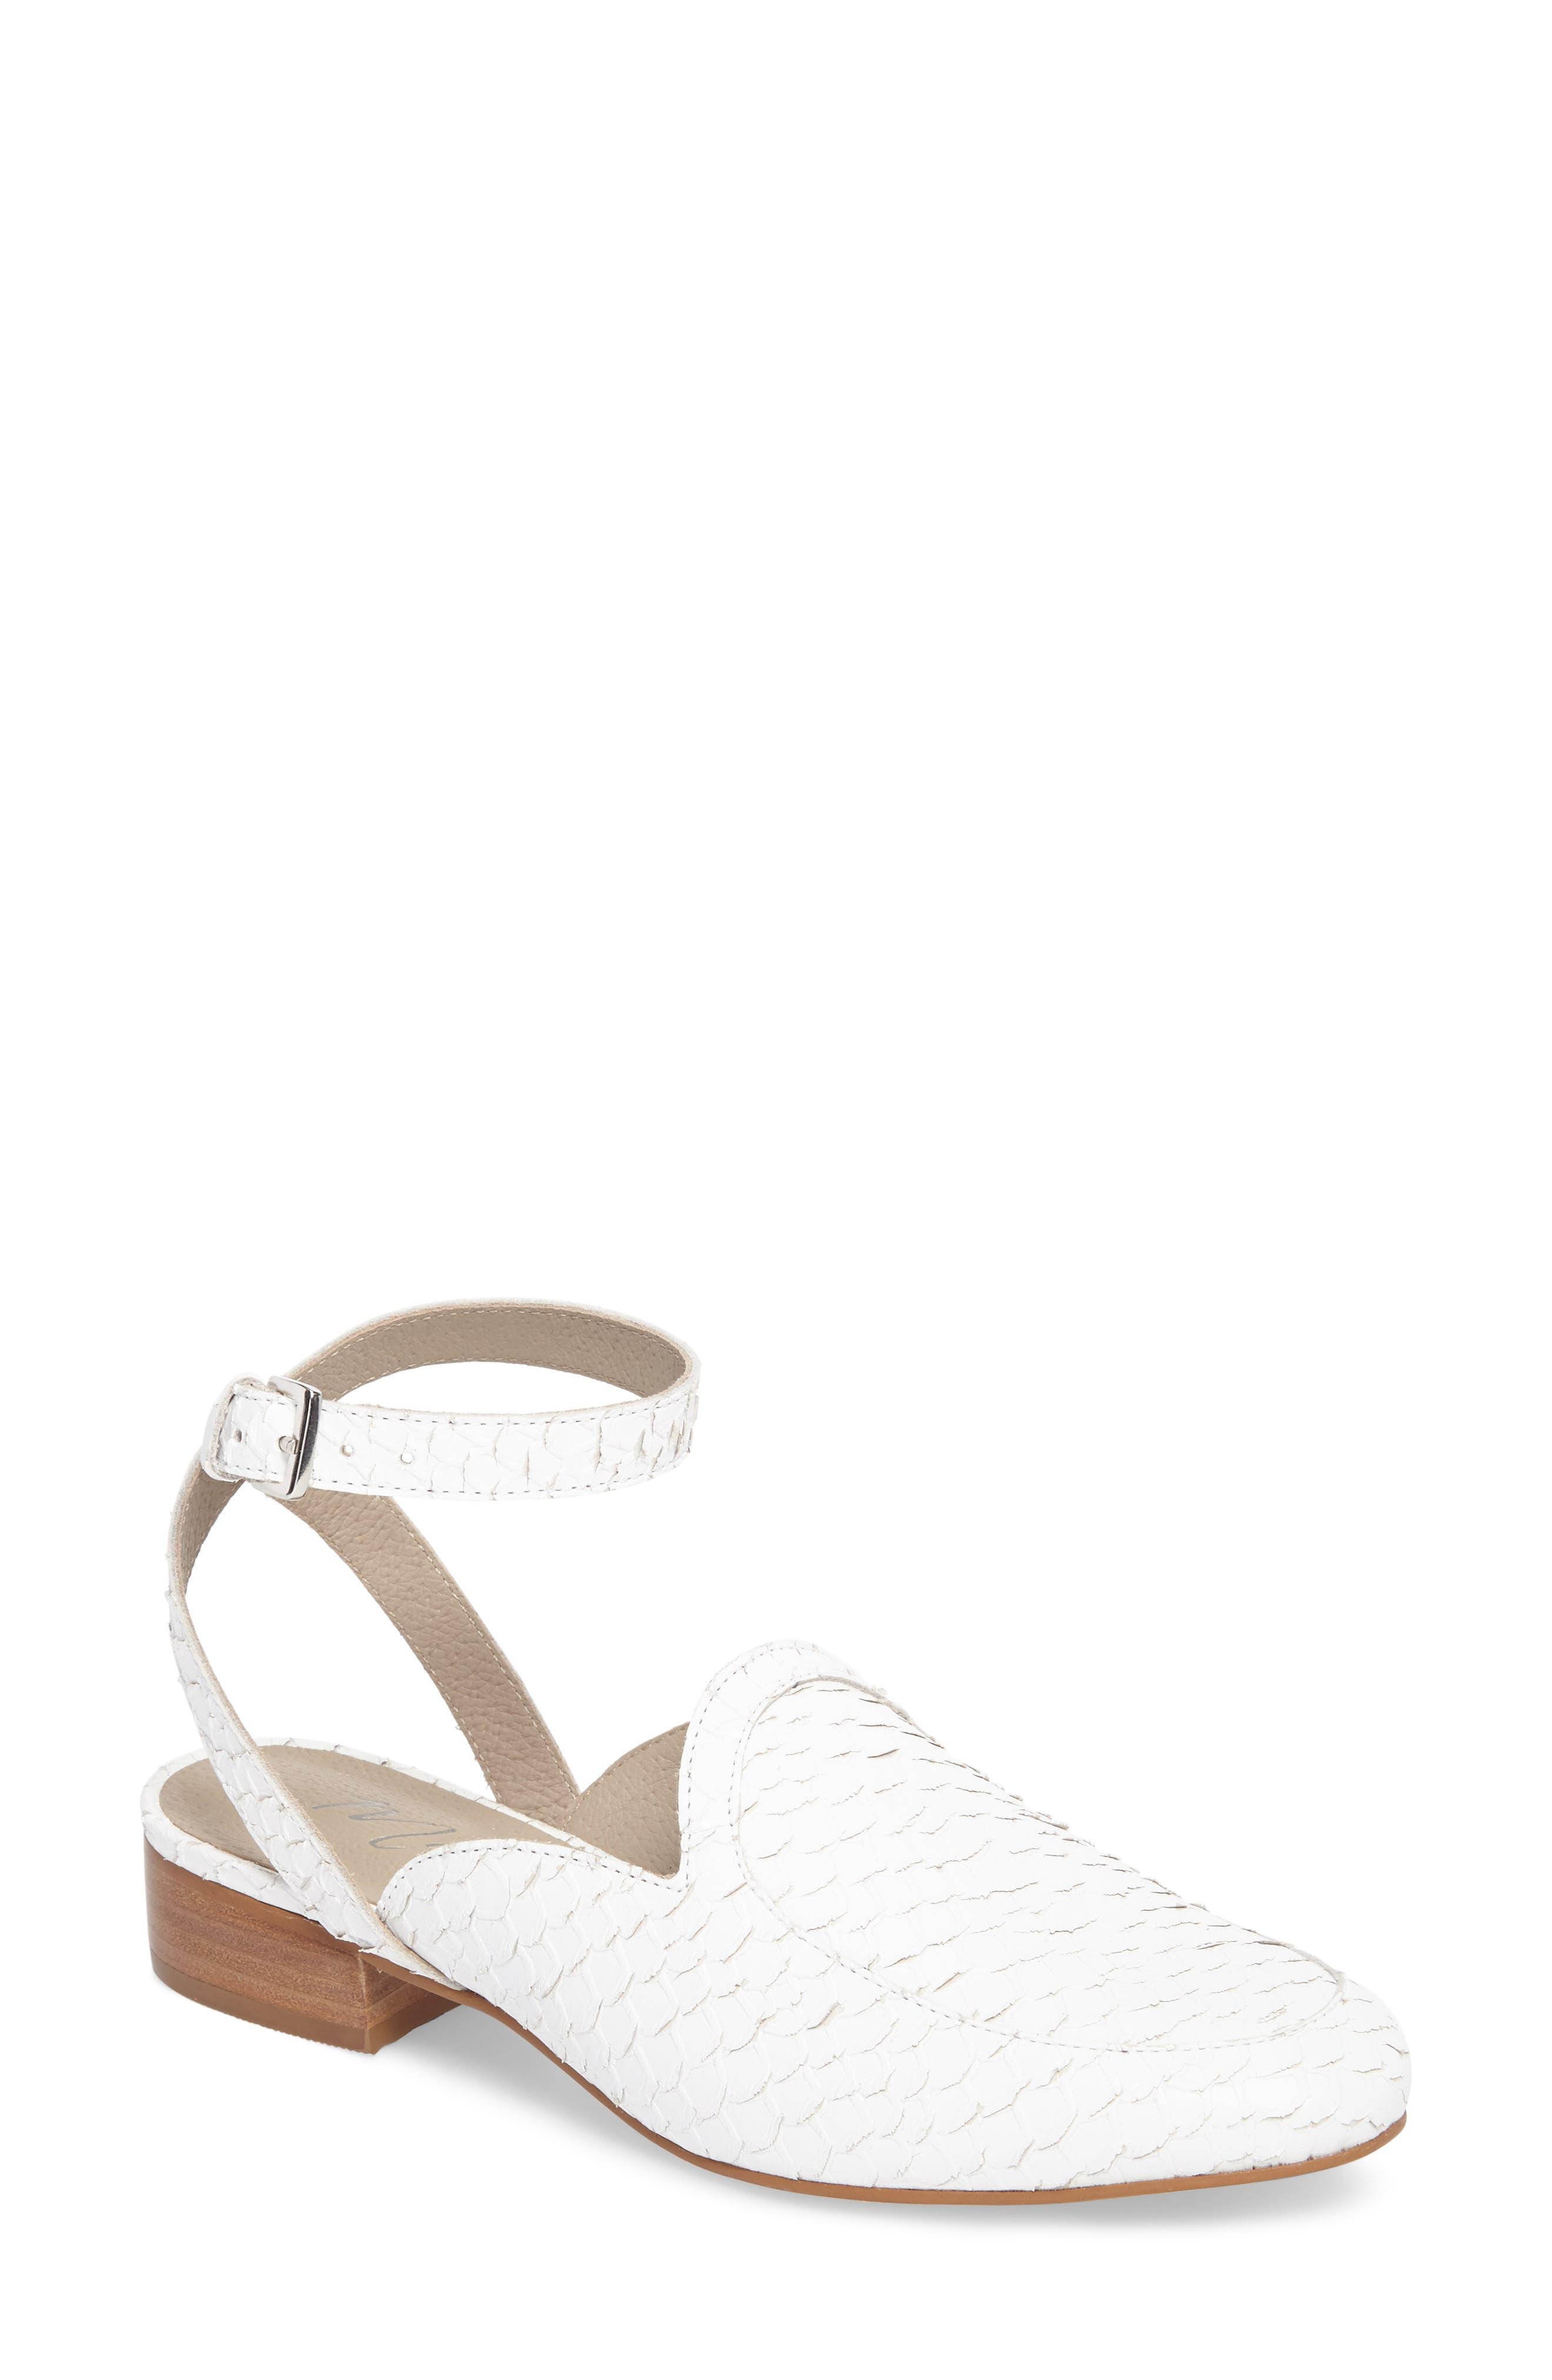 Matisse Half Moon Ankle Strap Loafer